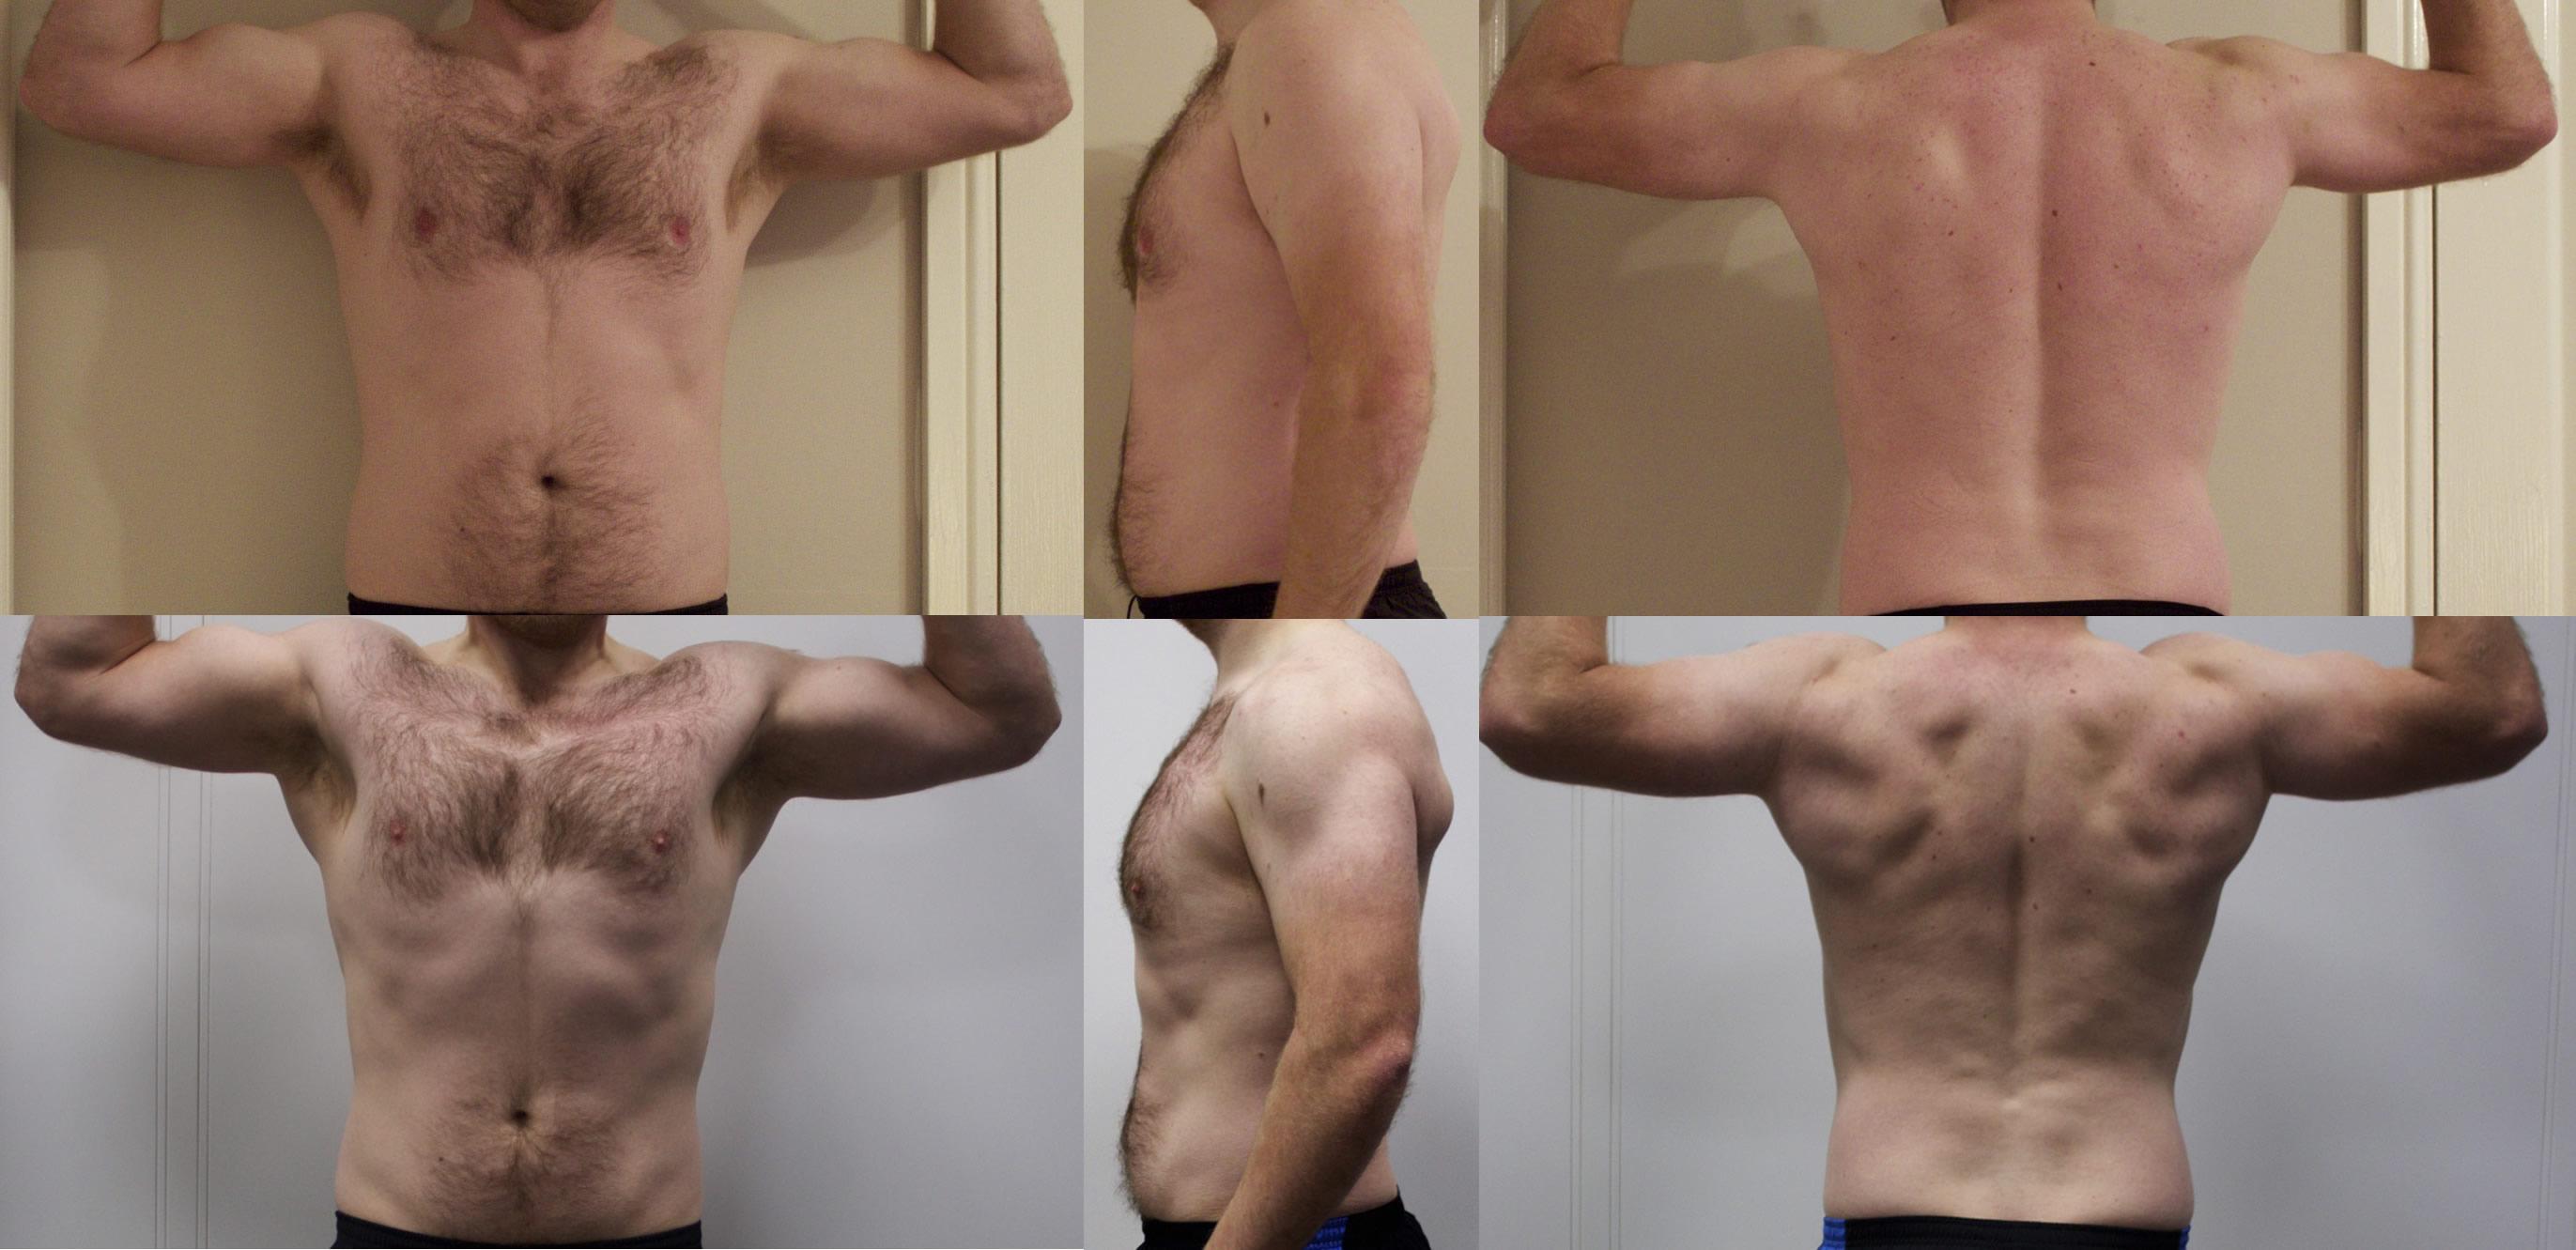 2015 Body Transformation Challenge Week 3 Update